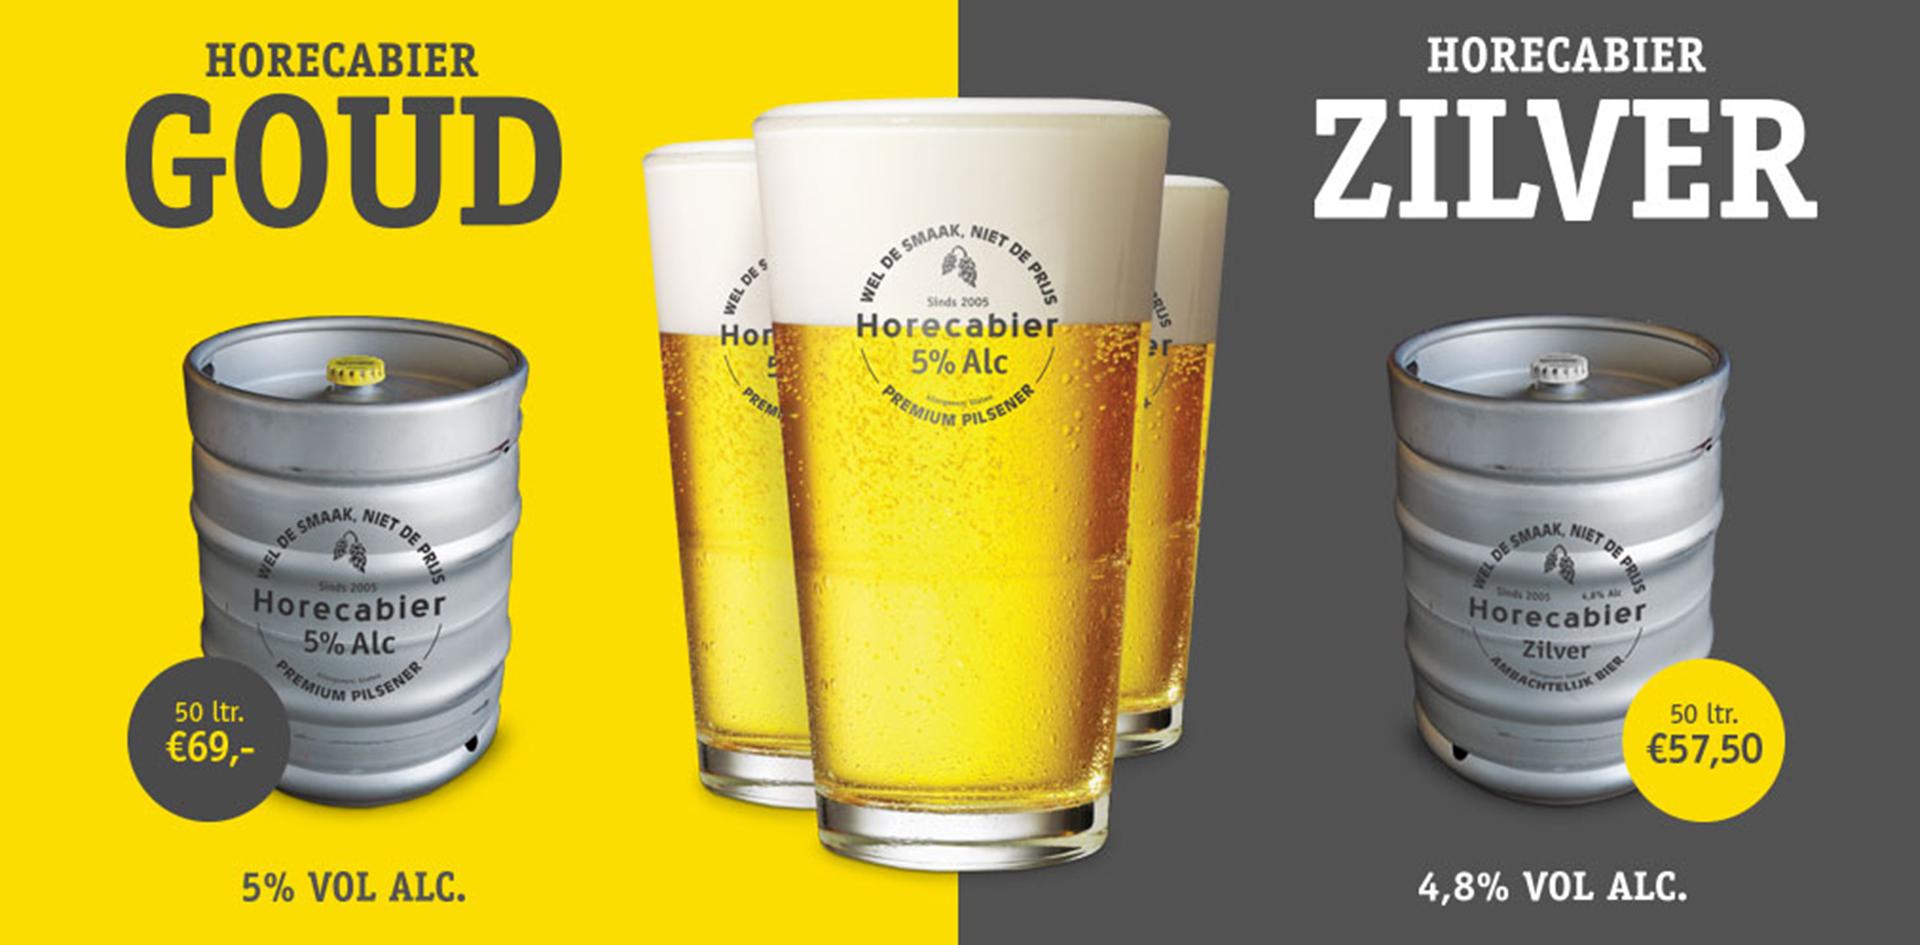 nectar-utrecht-pils-bier-brouwerij-nederland-horecabier-pilsner-foto01